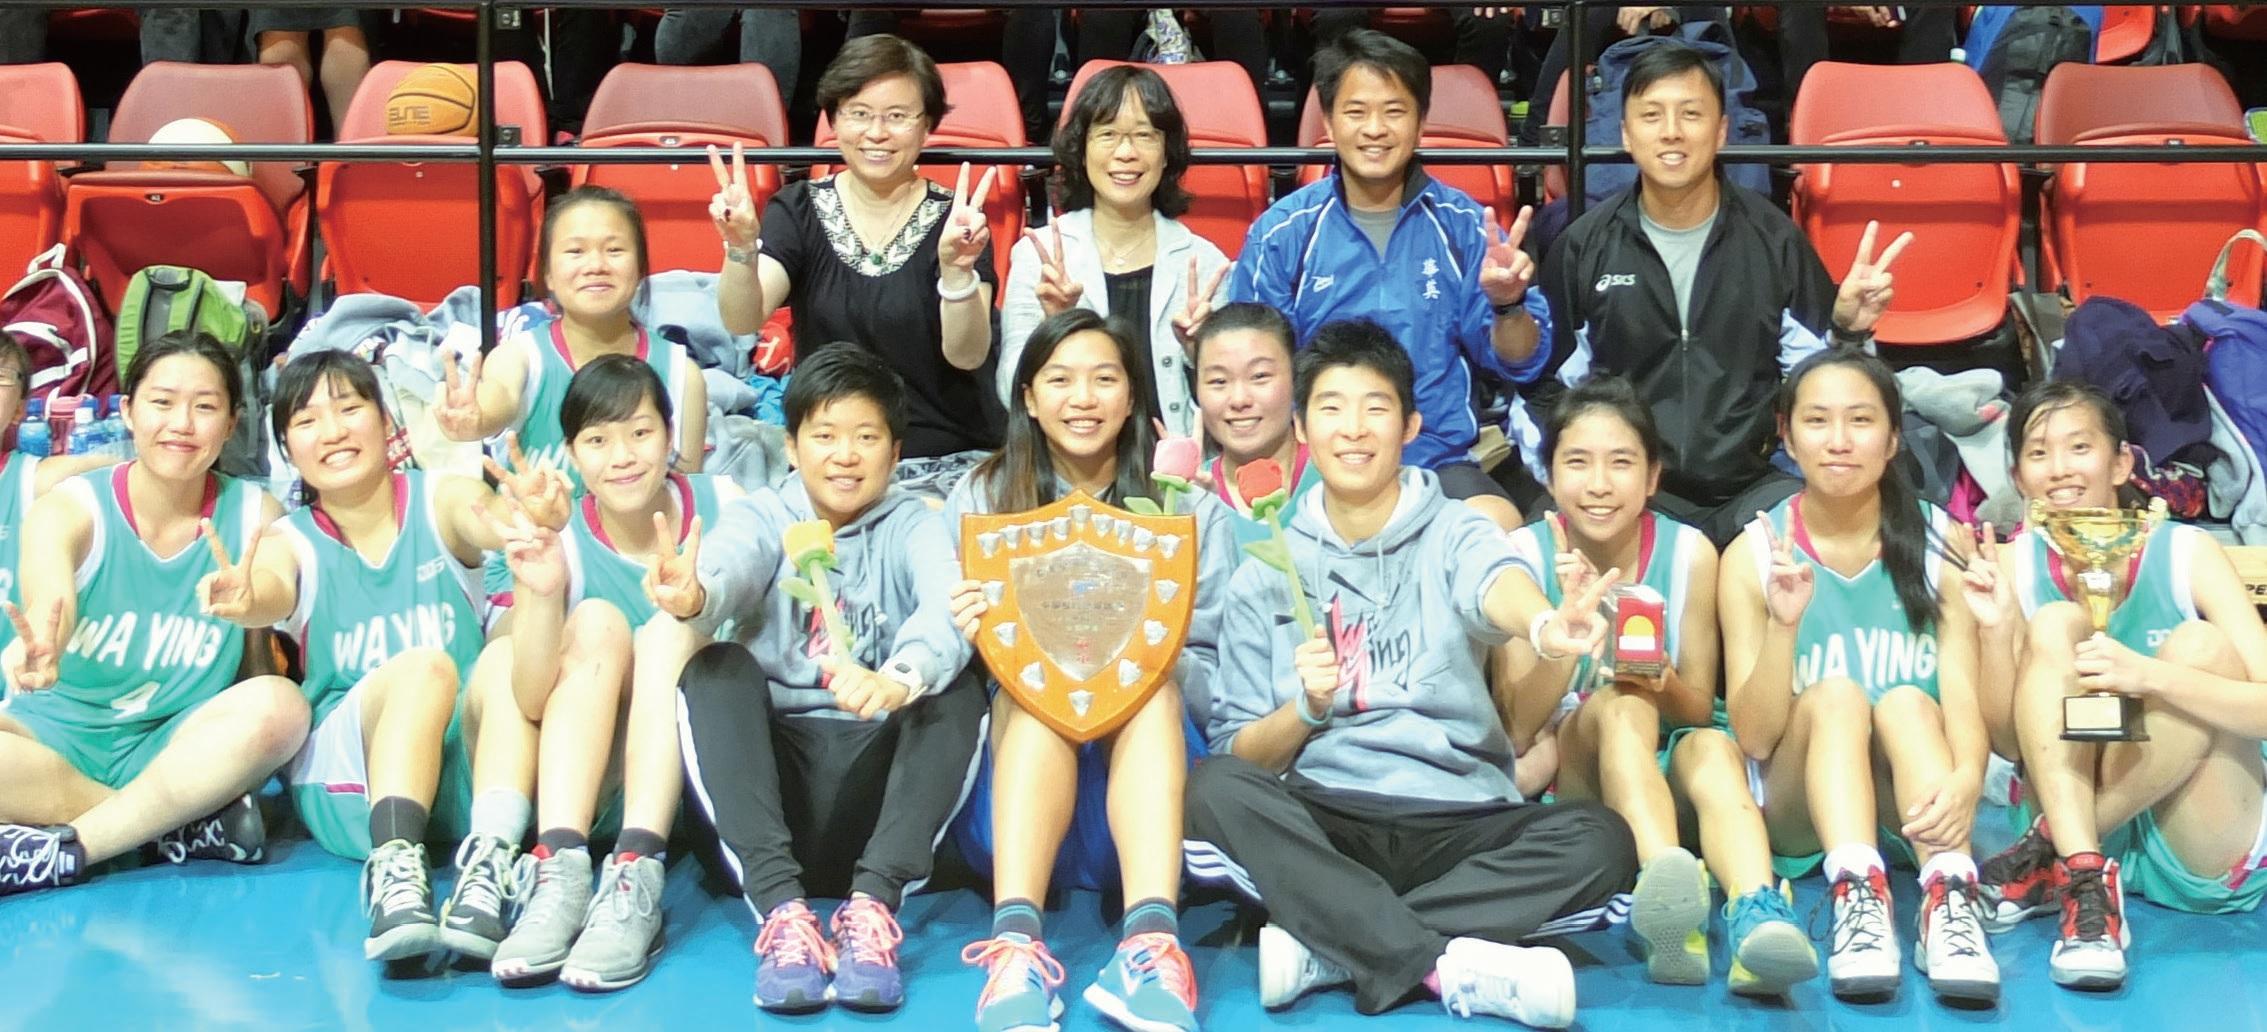 華英中學女子甲組籃球隊奪得學界比賽冠軍。